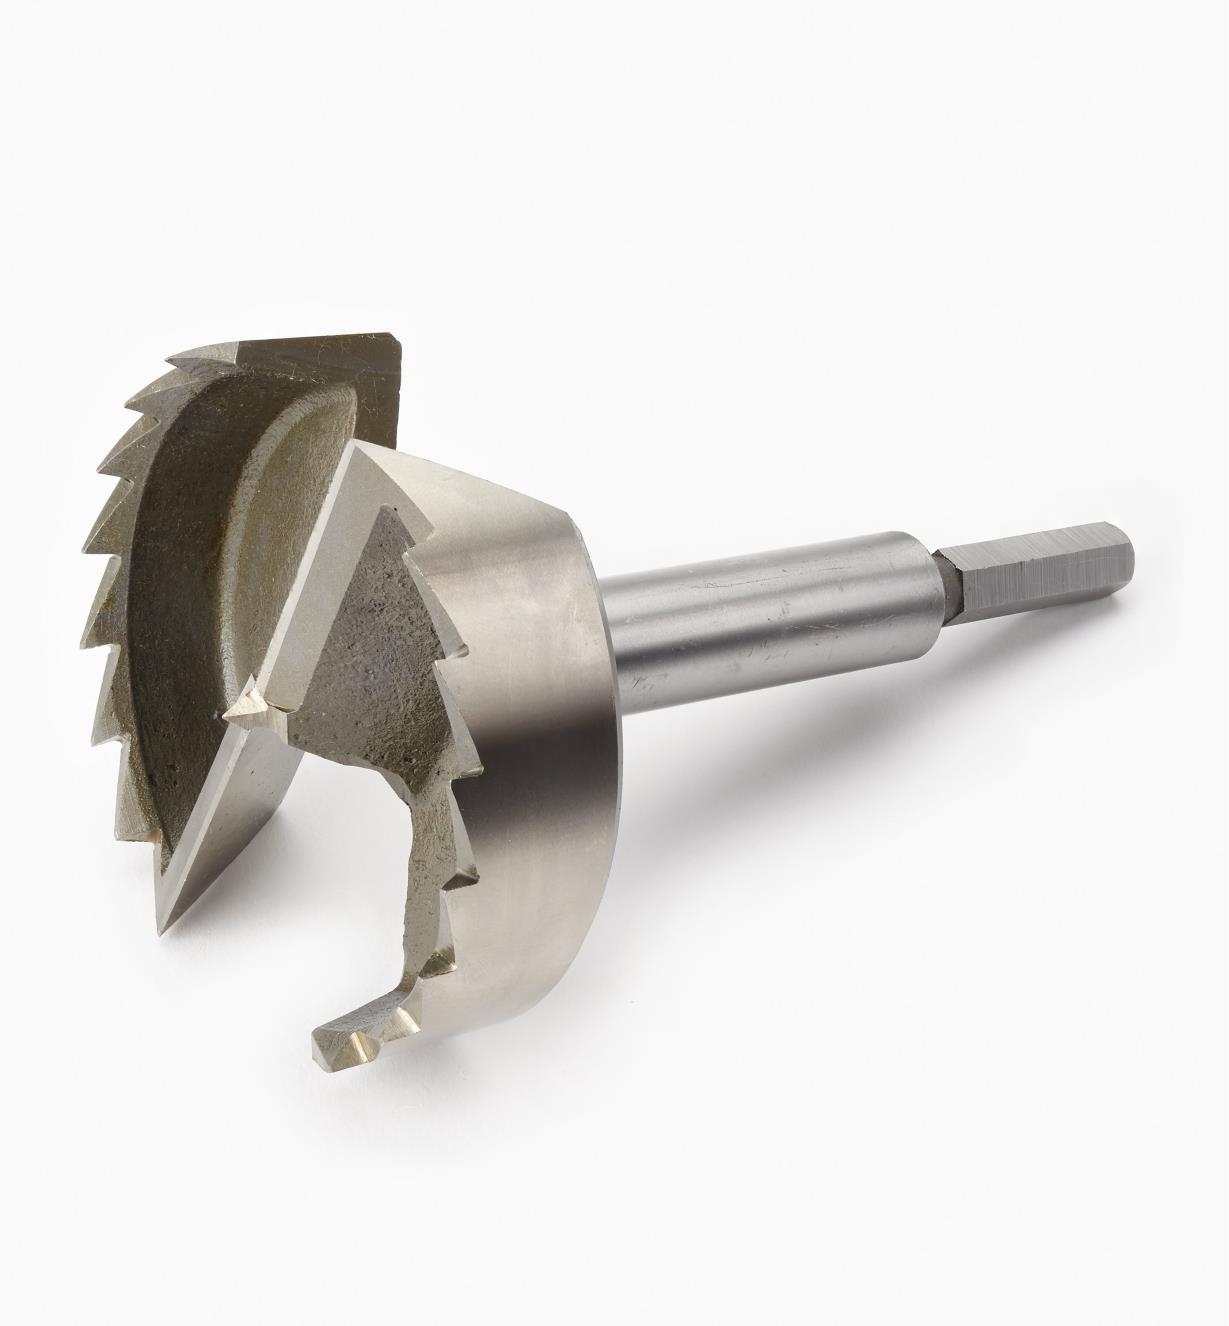 06J7162 - Mèche à arêtes dentées en acier rapide, 37/8po